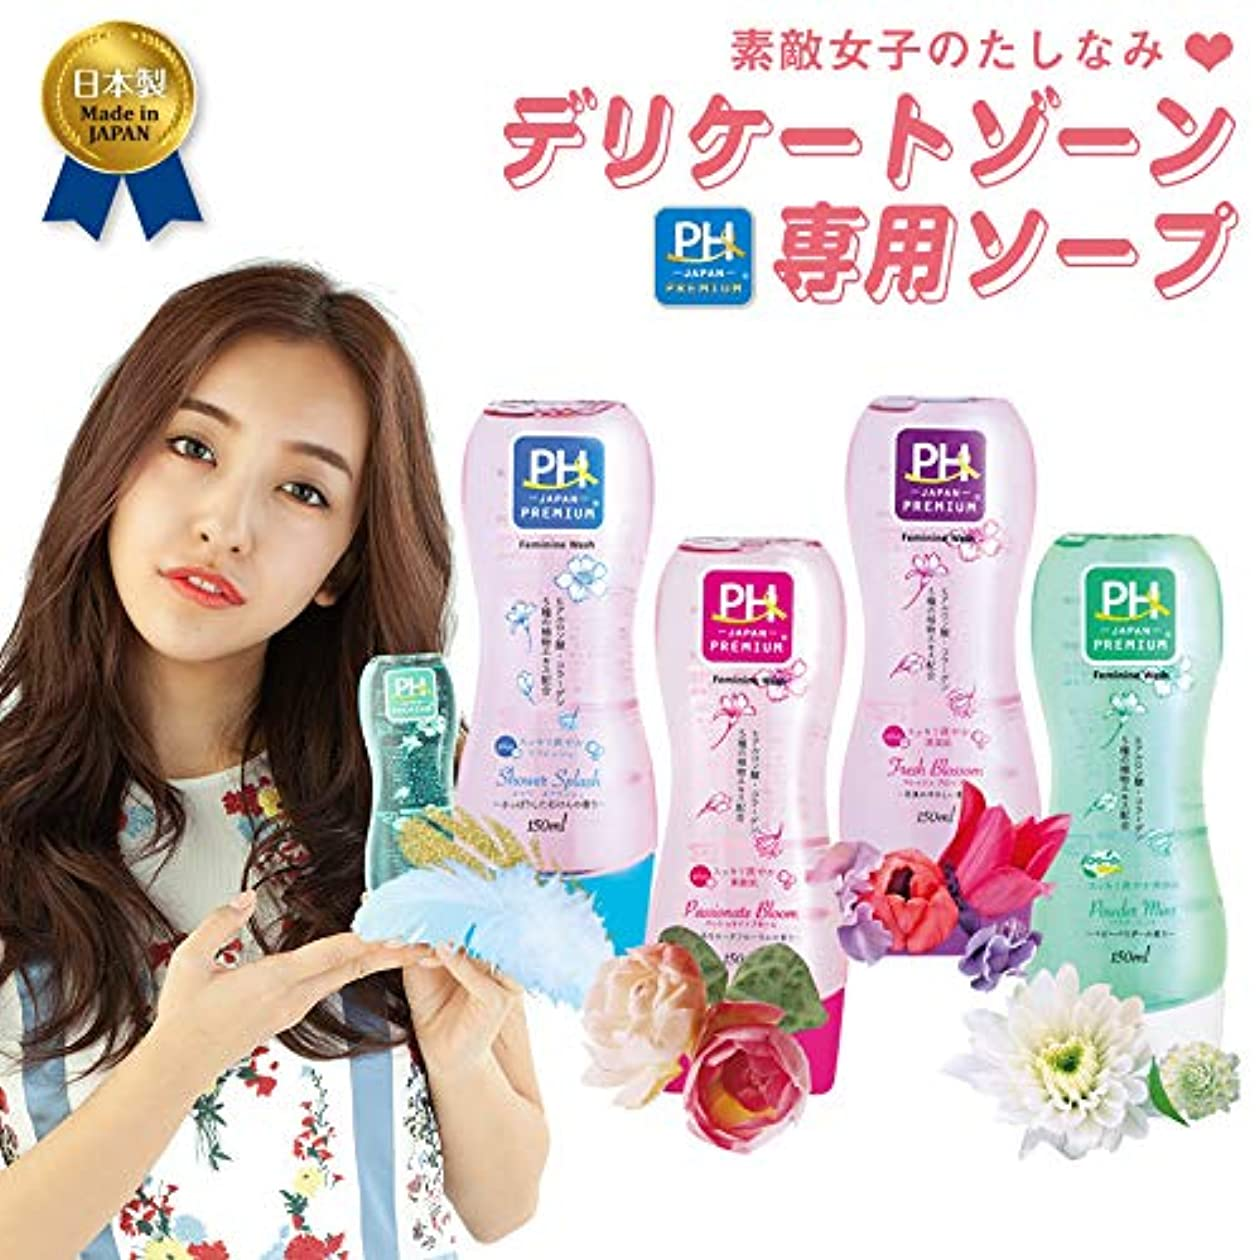 シャワースプラッシュ4本セット PH JAPAN フェミニンウォッシュ